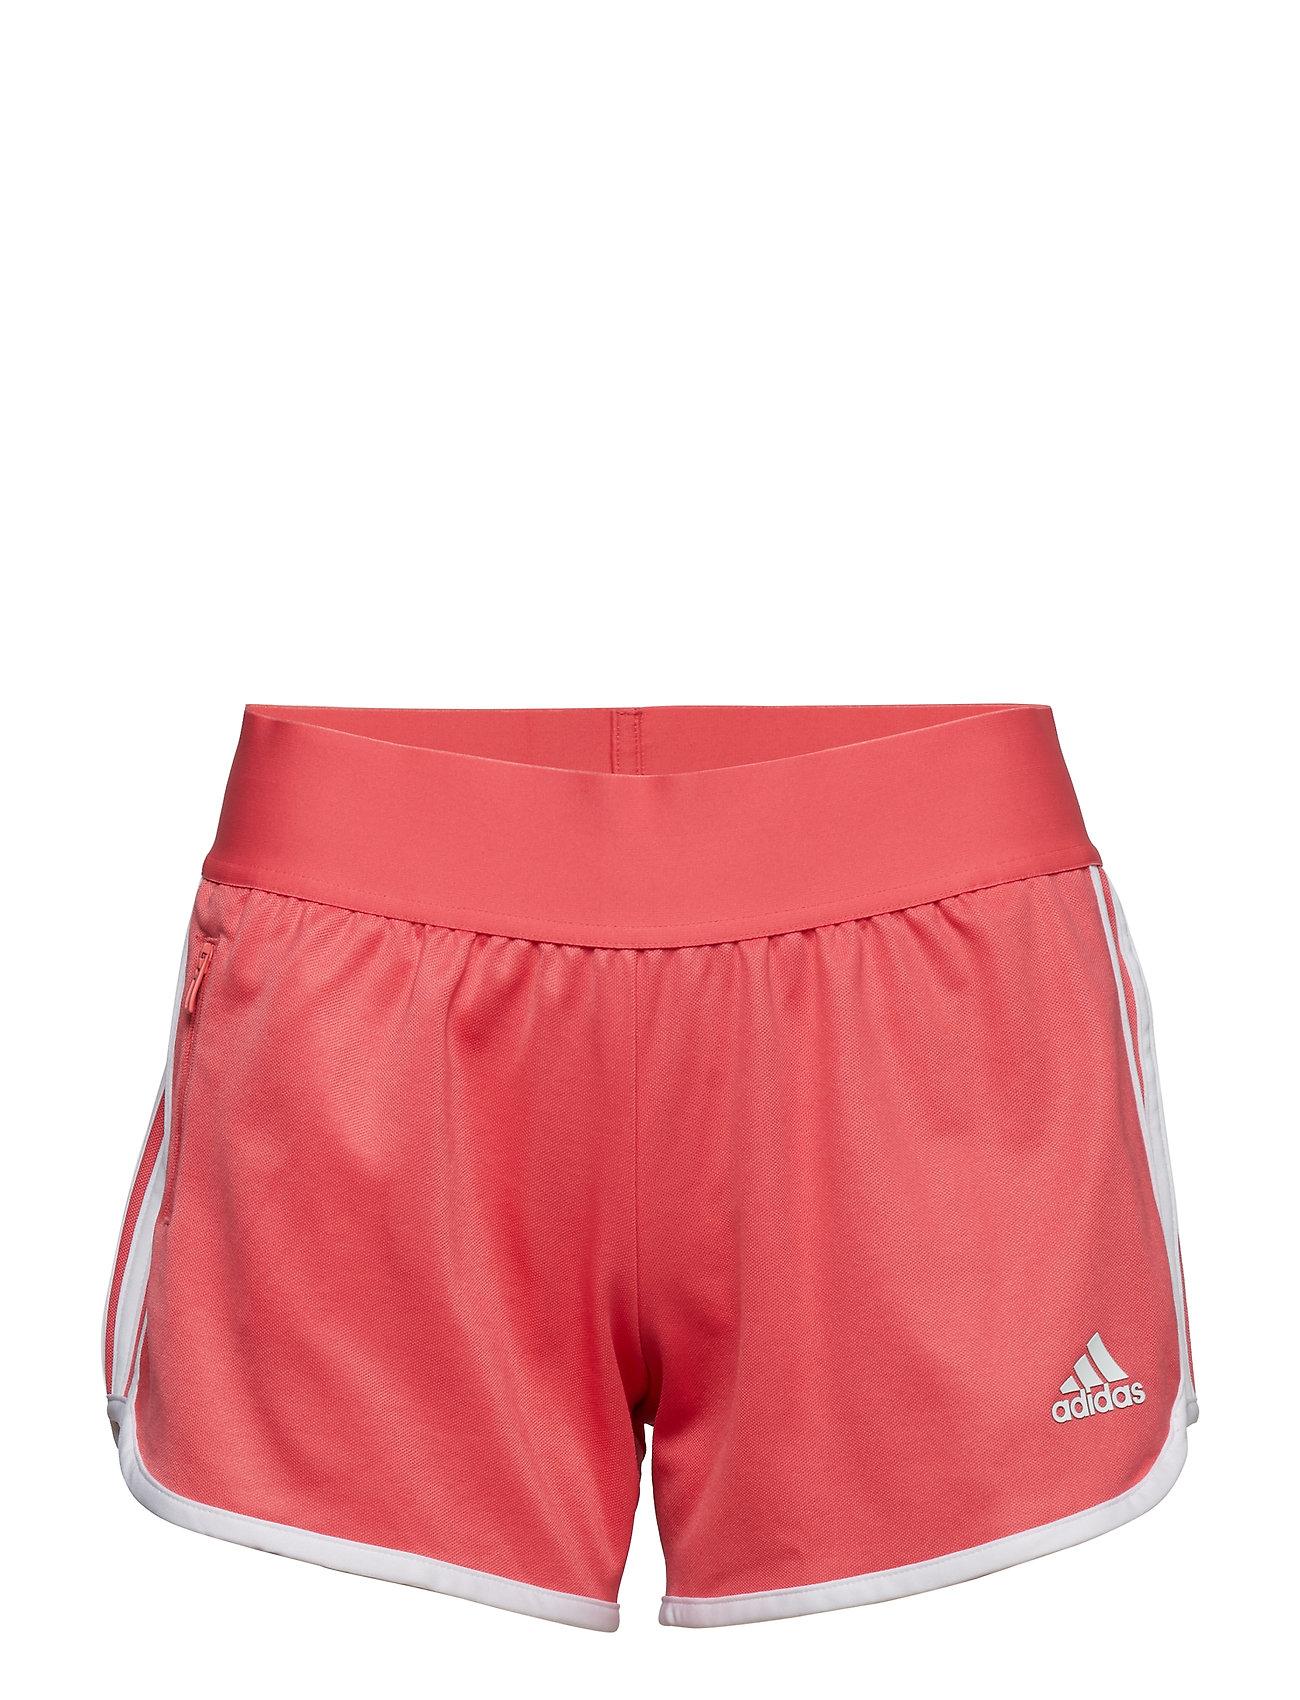 Adidas M10 Sht Athl AI Shorts